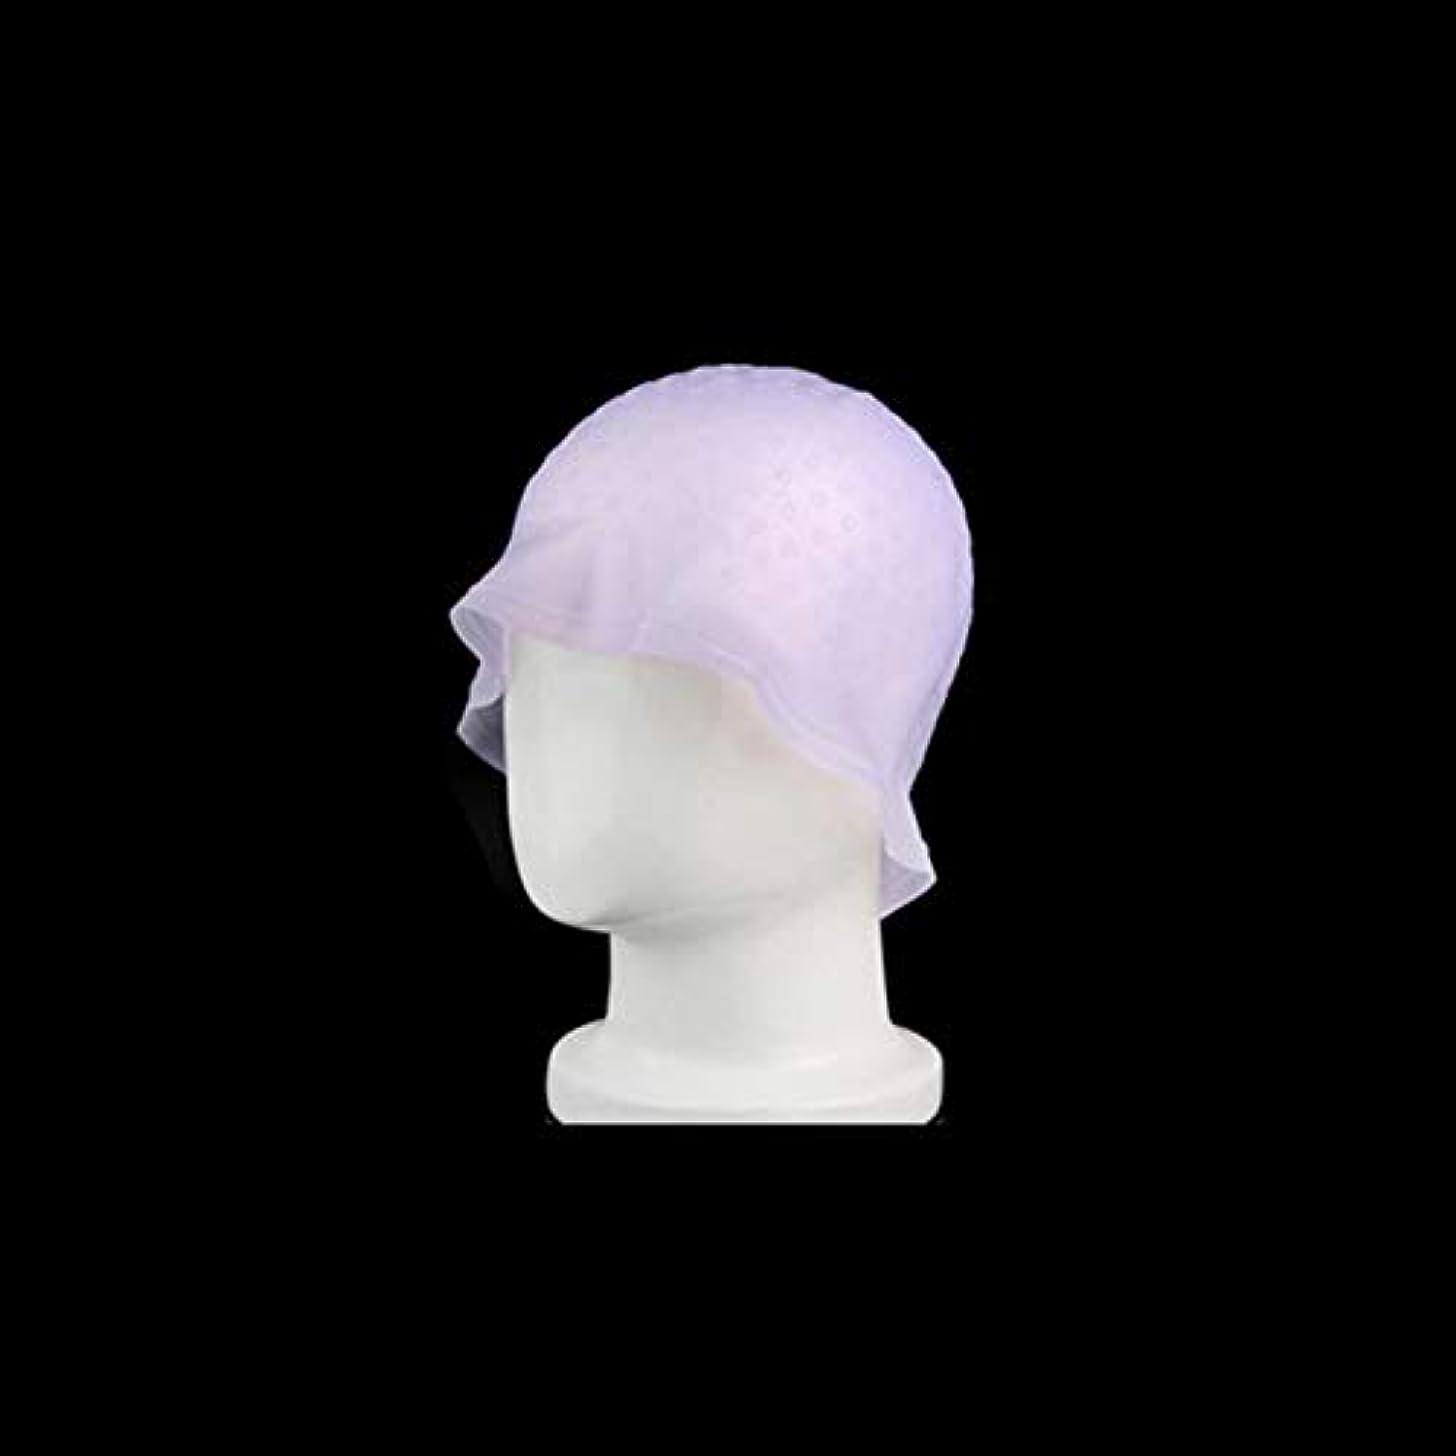 フェード微生物コンクリートDOMO カラーダイキャップ 染毛キャップ エコ サロン ヘア染めツール 再利用可能 染色用 ハイライト 髪染め工具